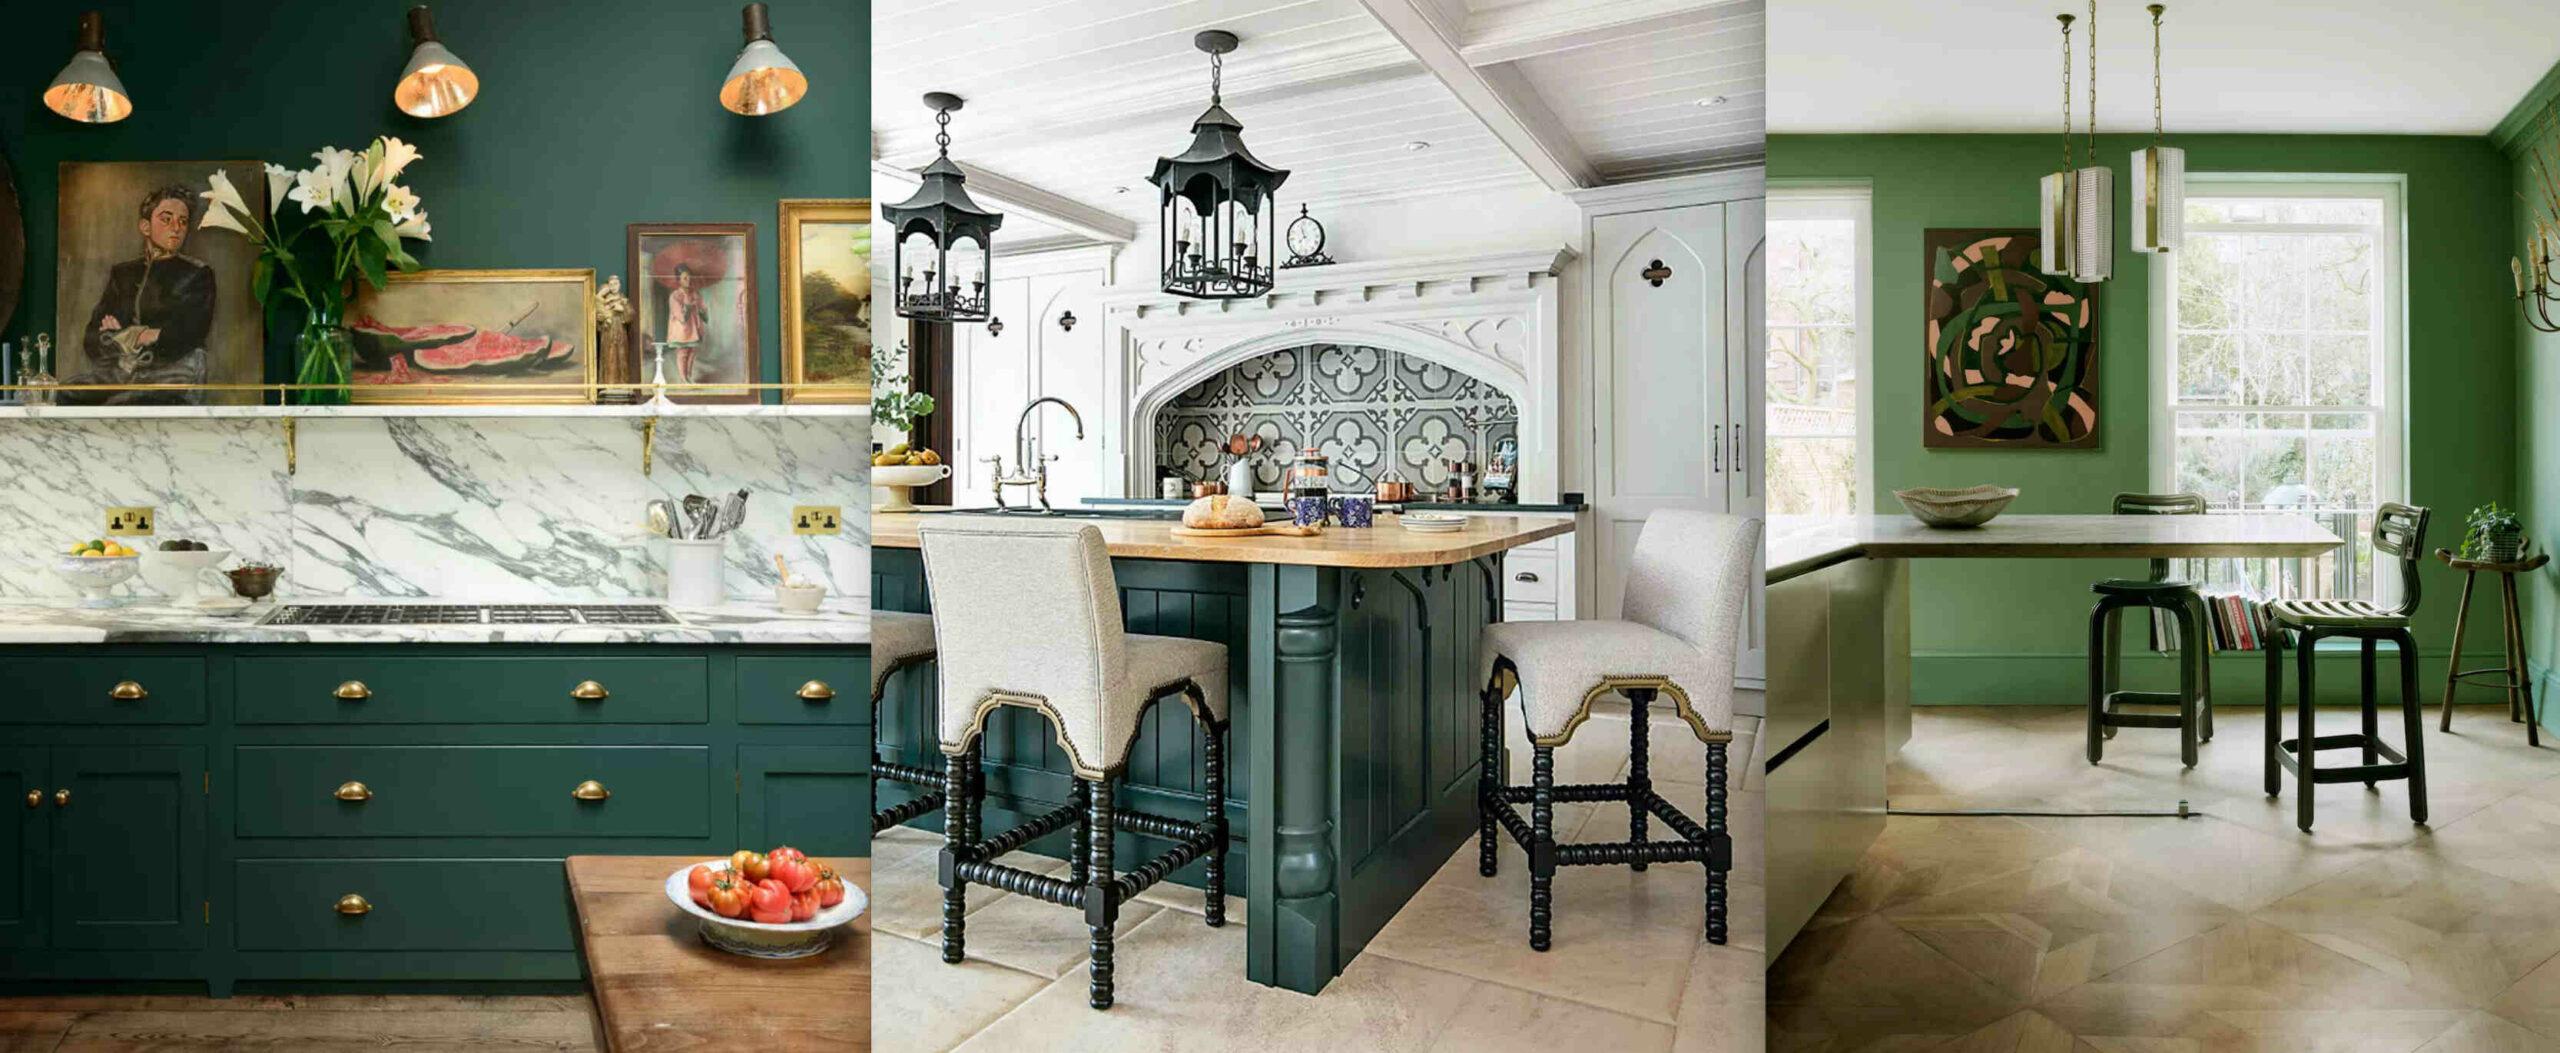 Quelle couleur de mur pour une cuisine verte ?